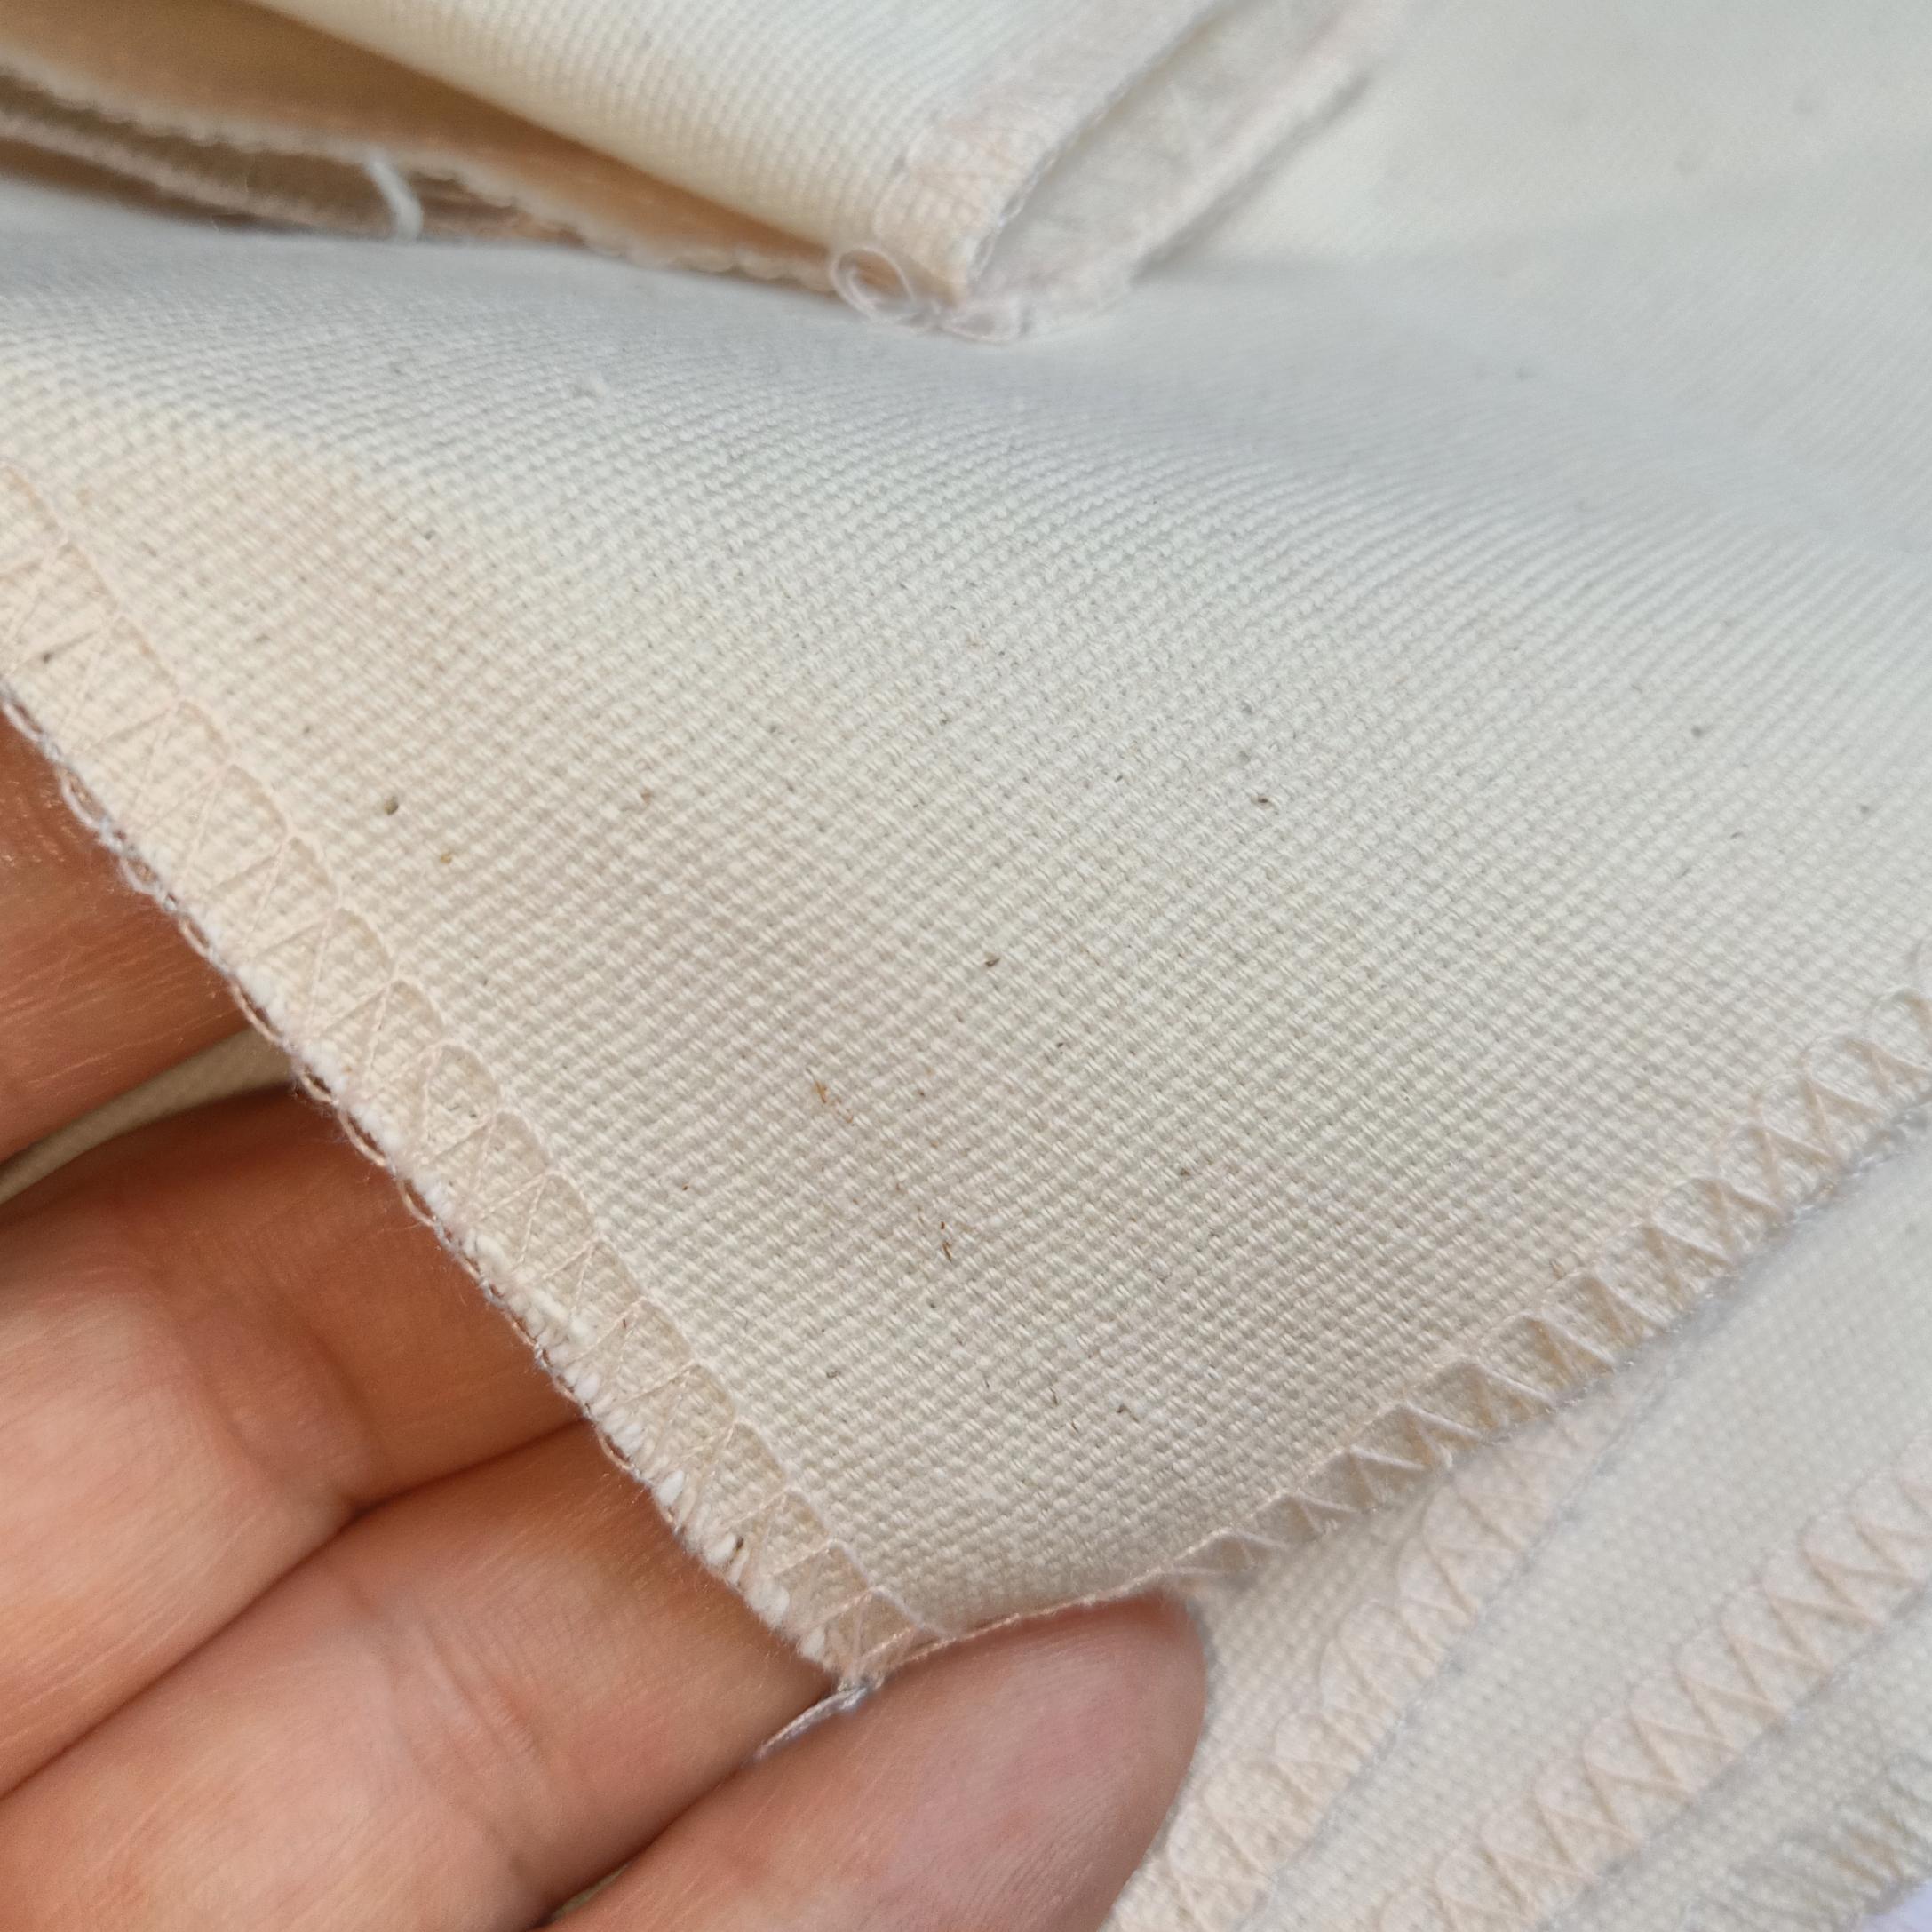 Combo vải ủ bánh mì pagutte và bảng gỗ chuyển bột từ vải ủ sang khay nướng